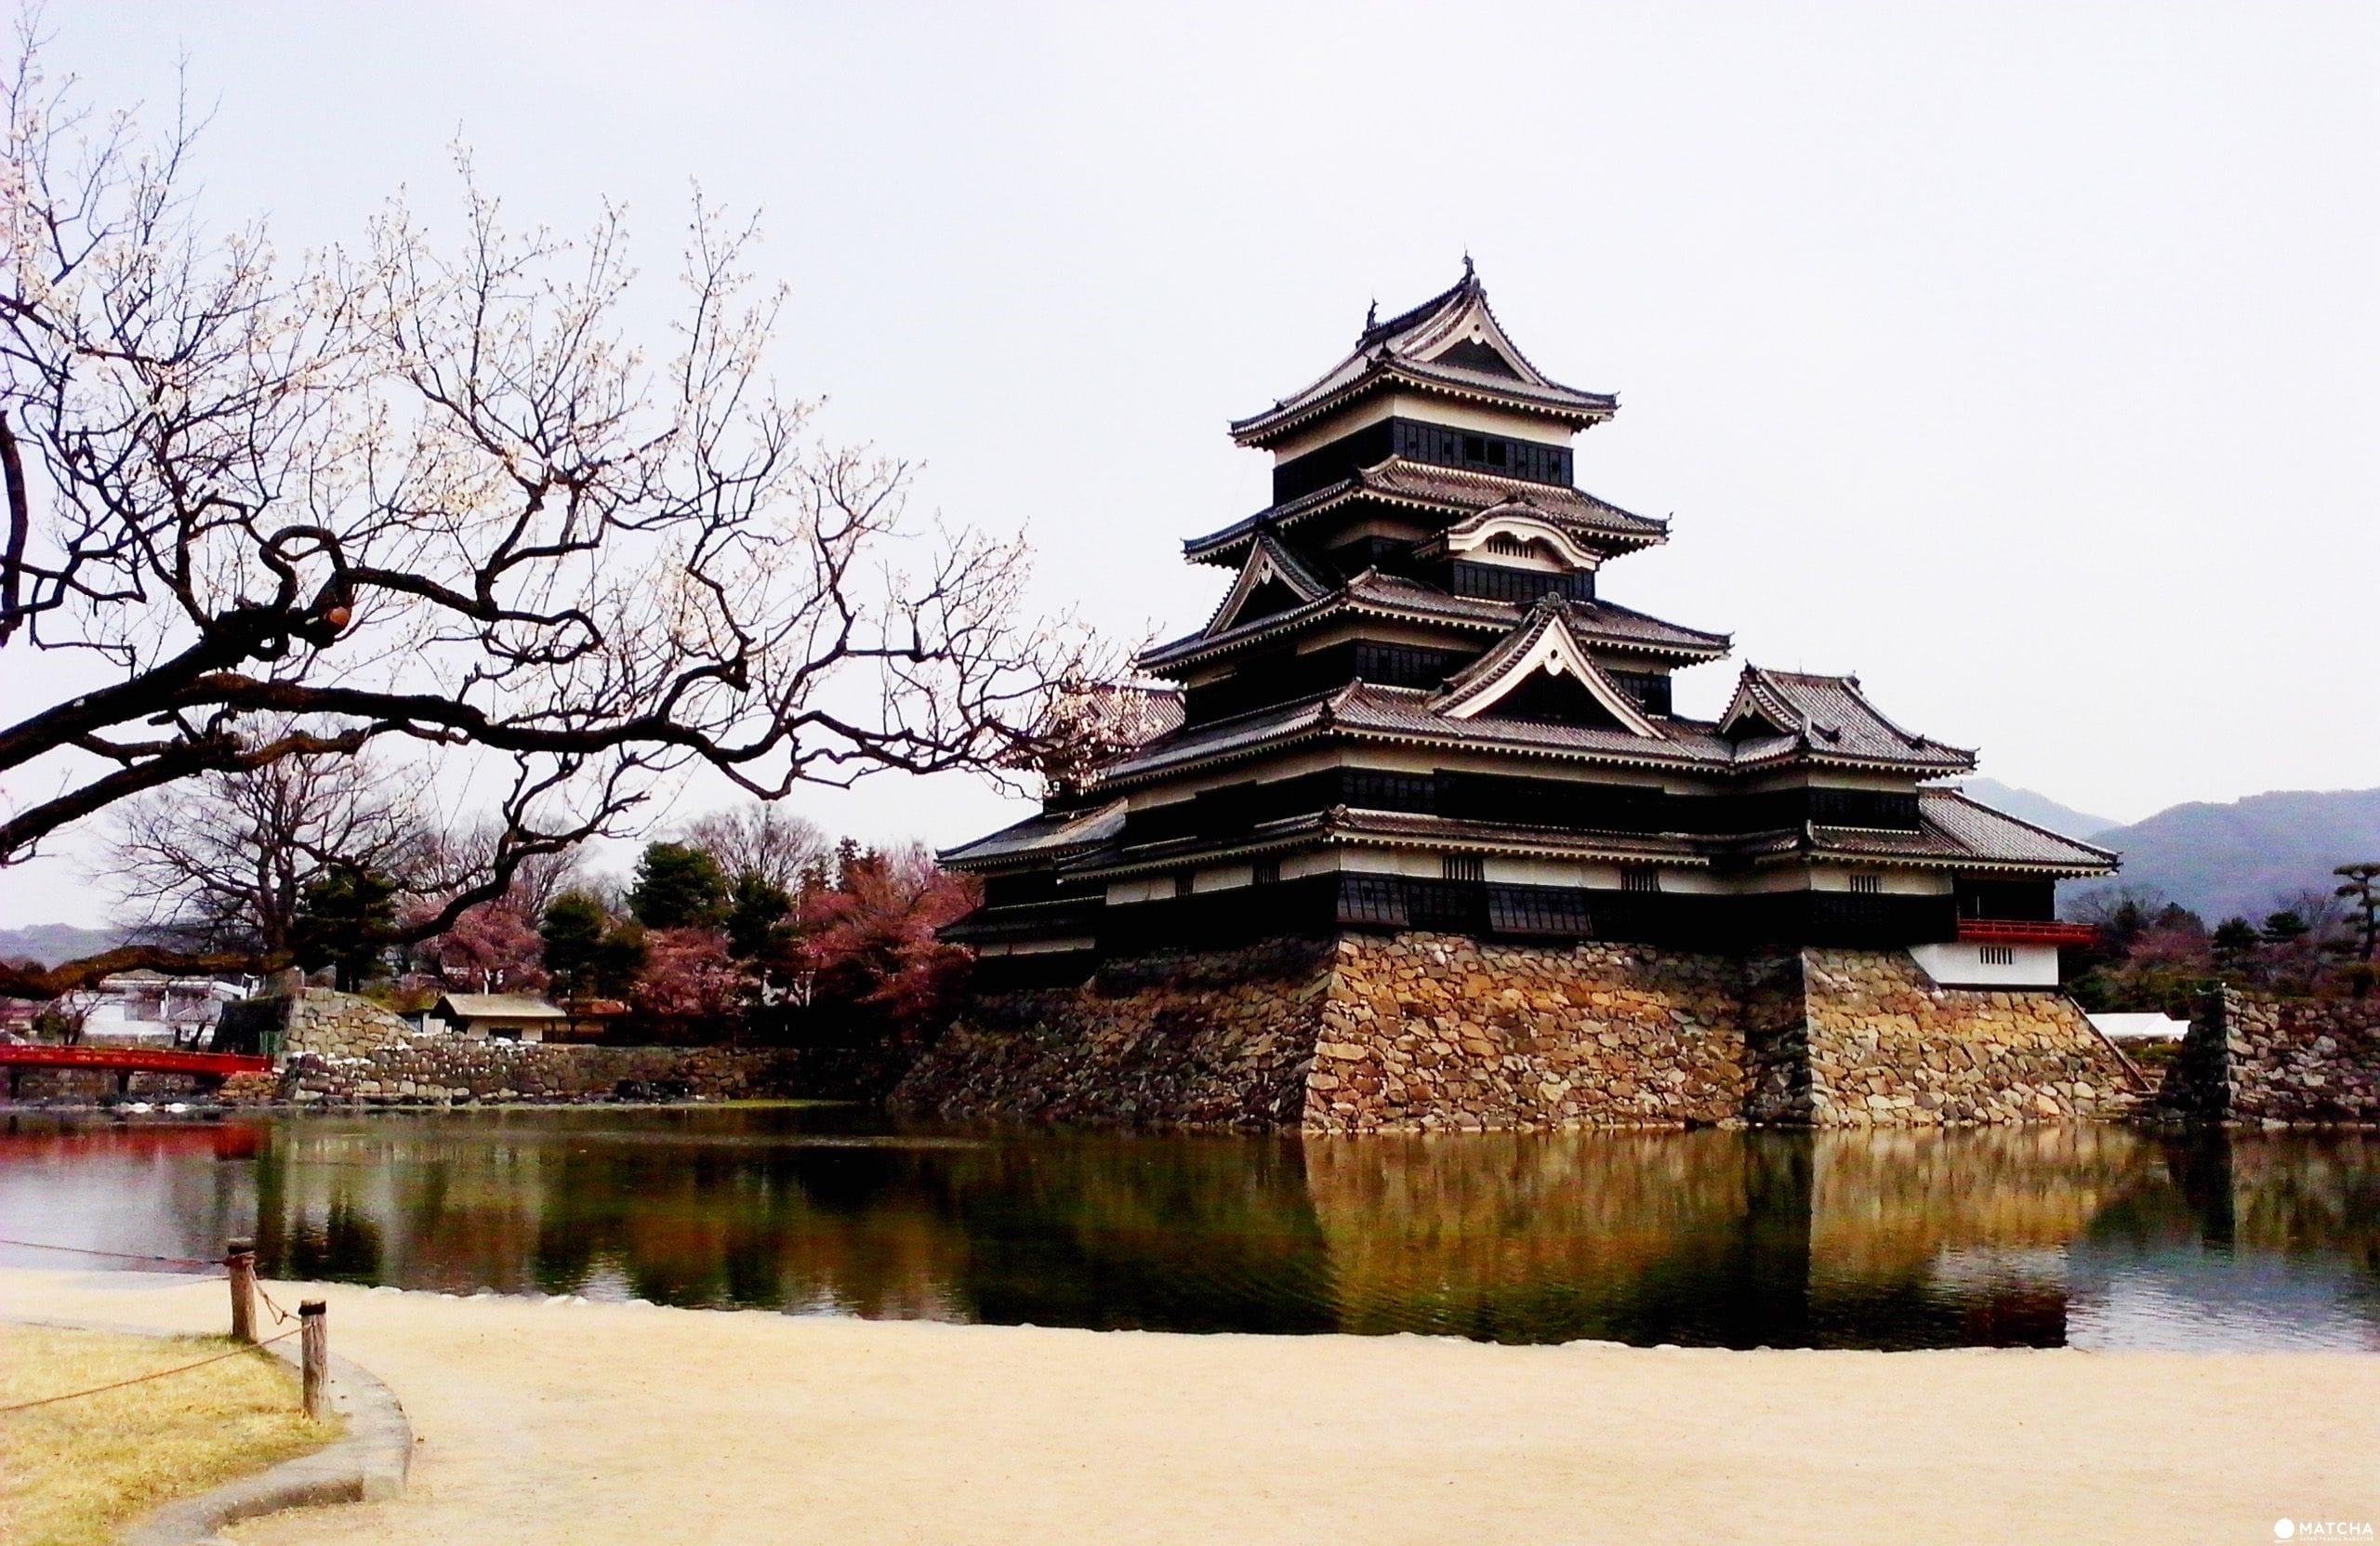 【長野】國寶松本城賞櫻漫步城下町